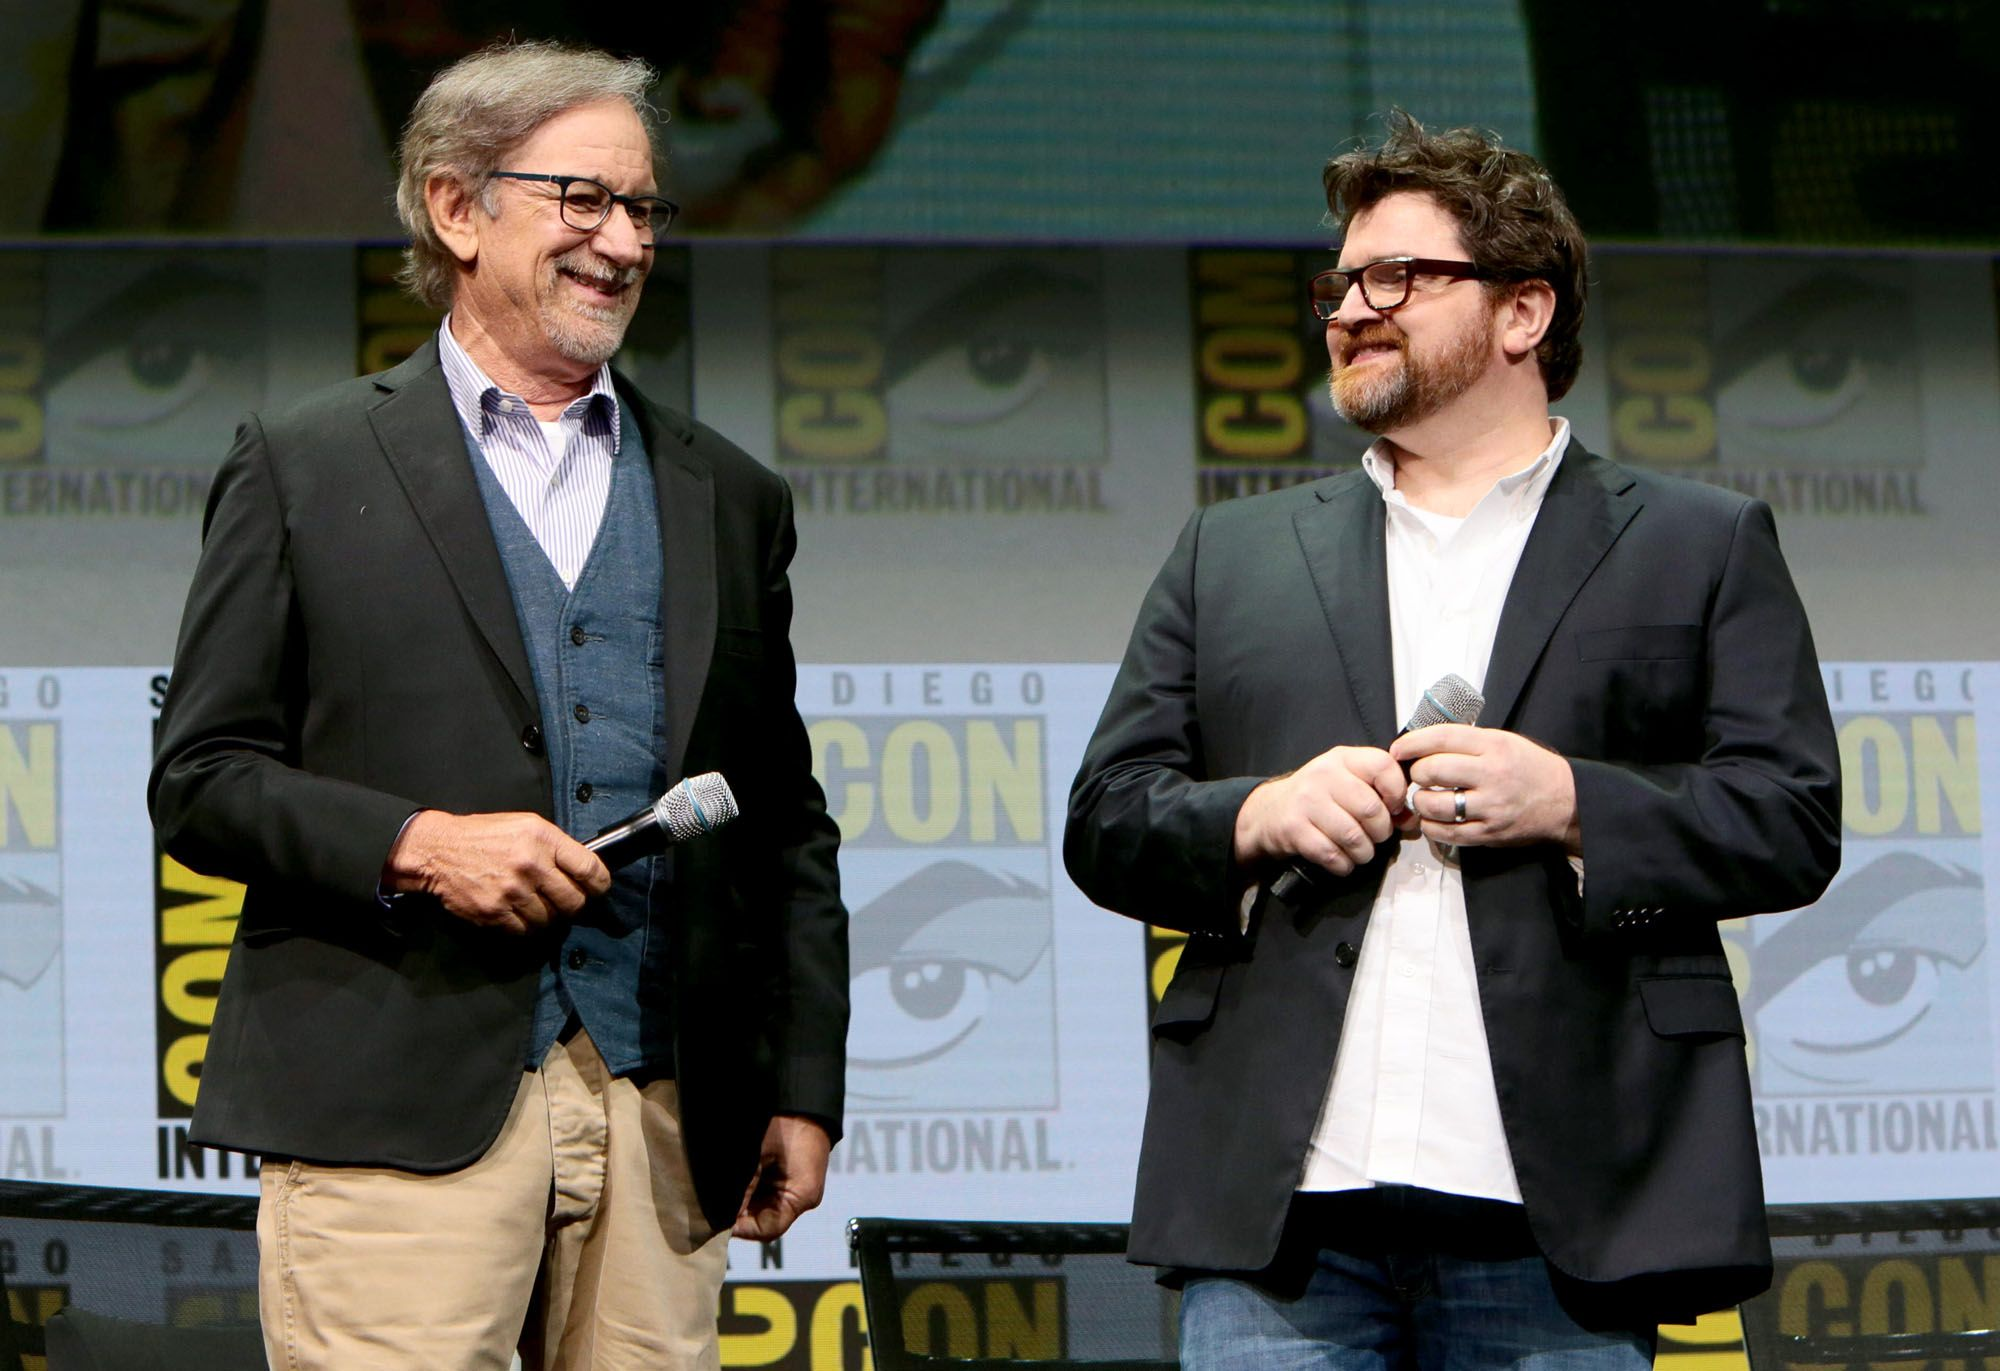 Steven Spielberg shoots down Carl's Jr.'s